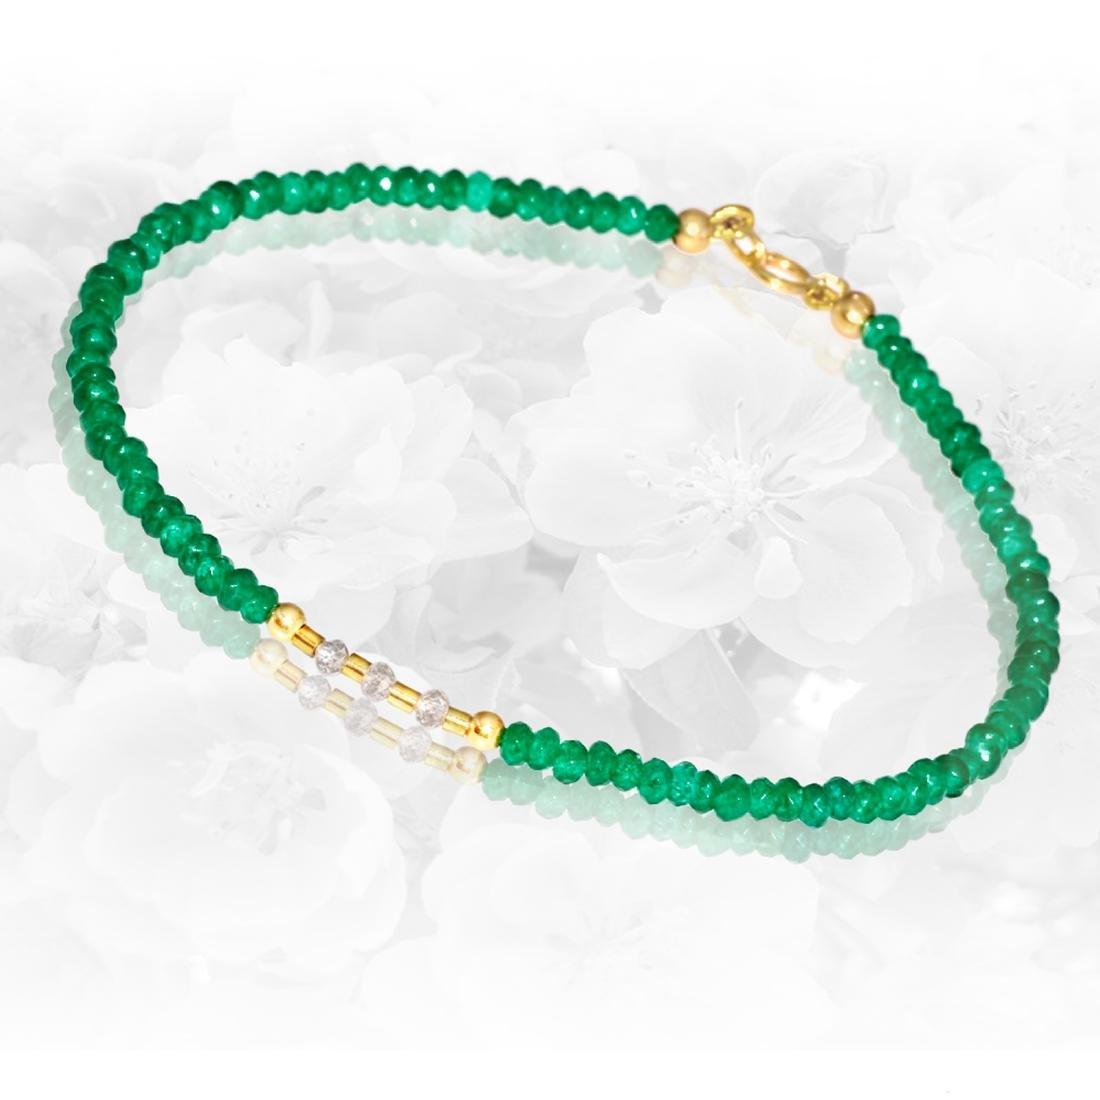 14K Retro Style Precious Jadeite Jade bracelet with - 2